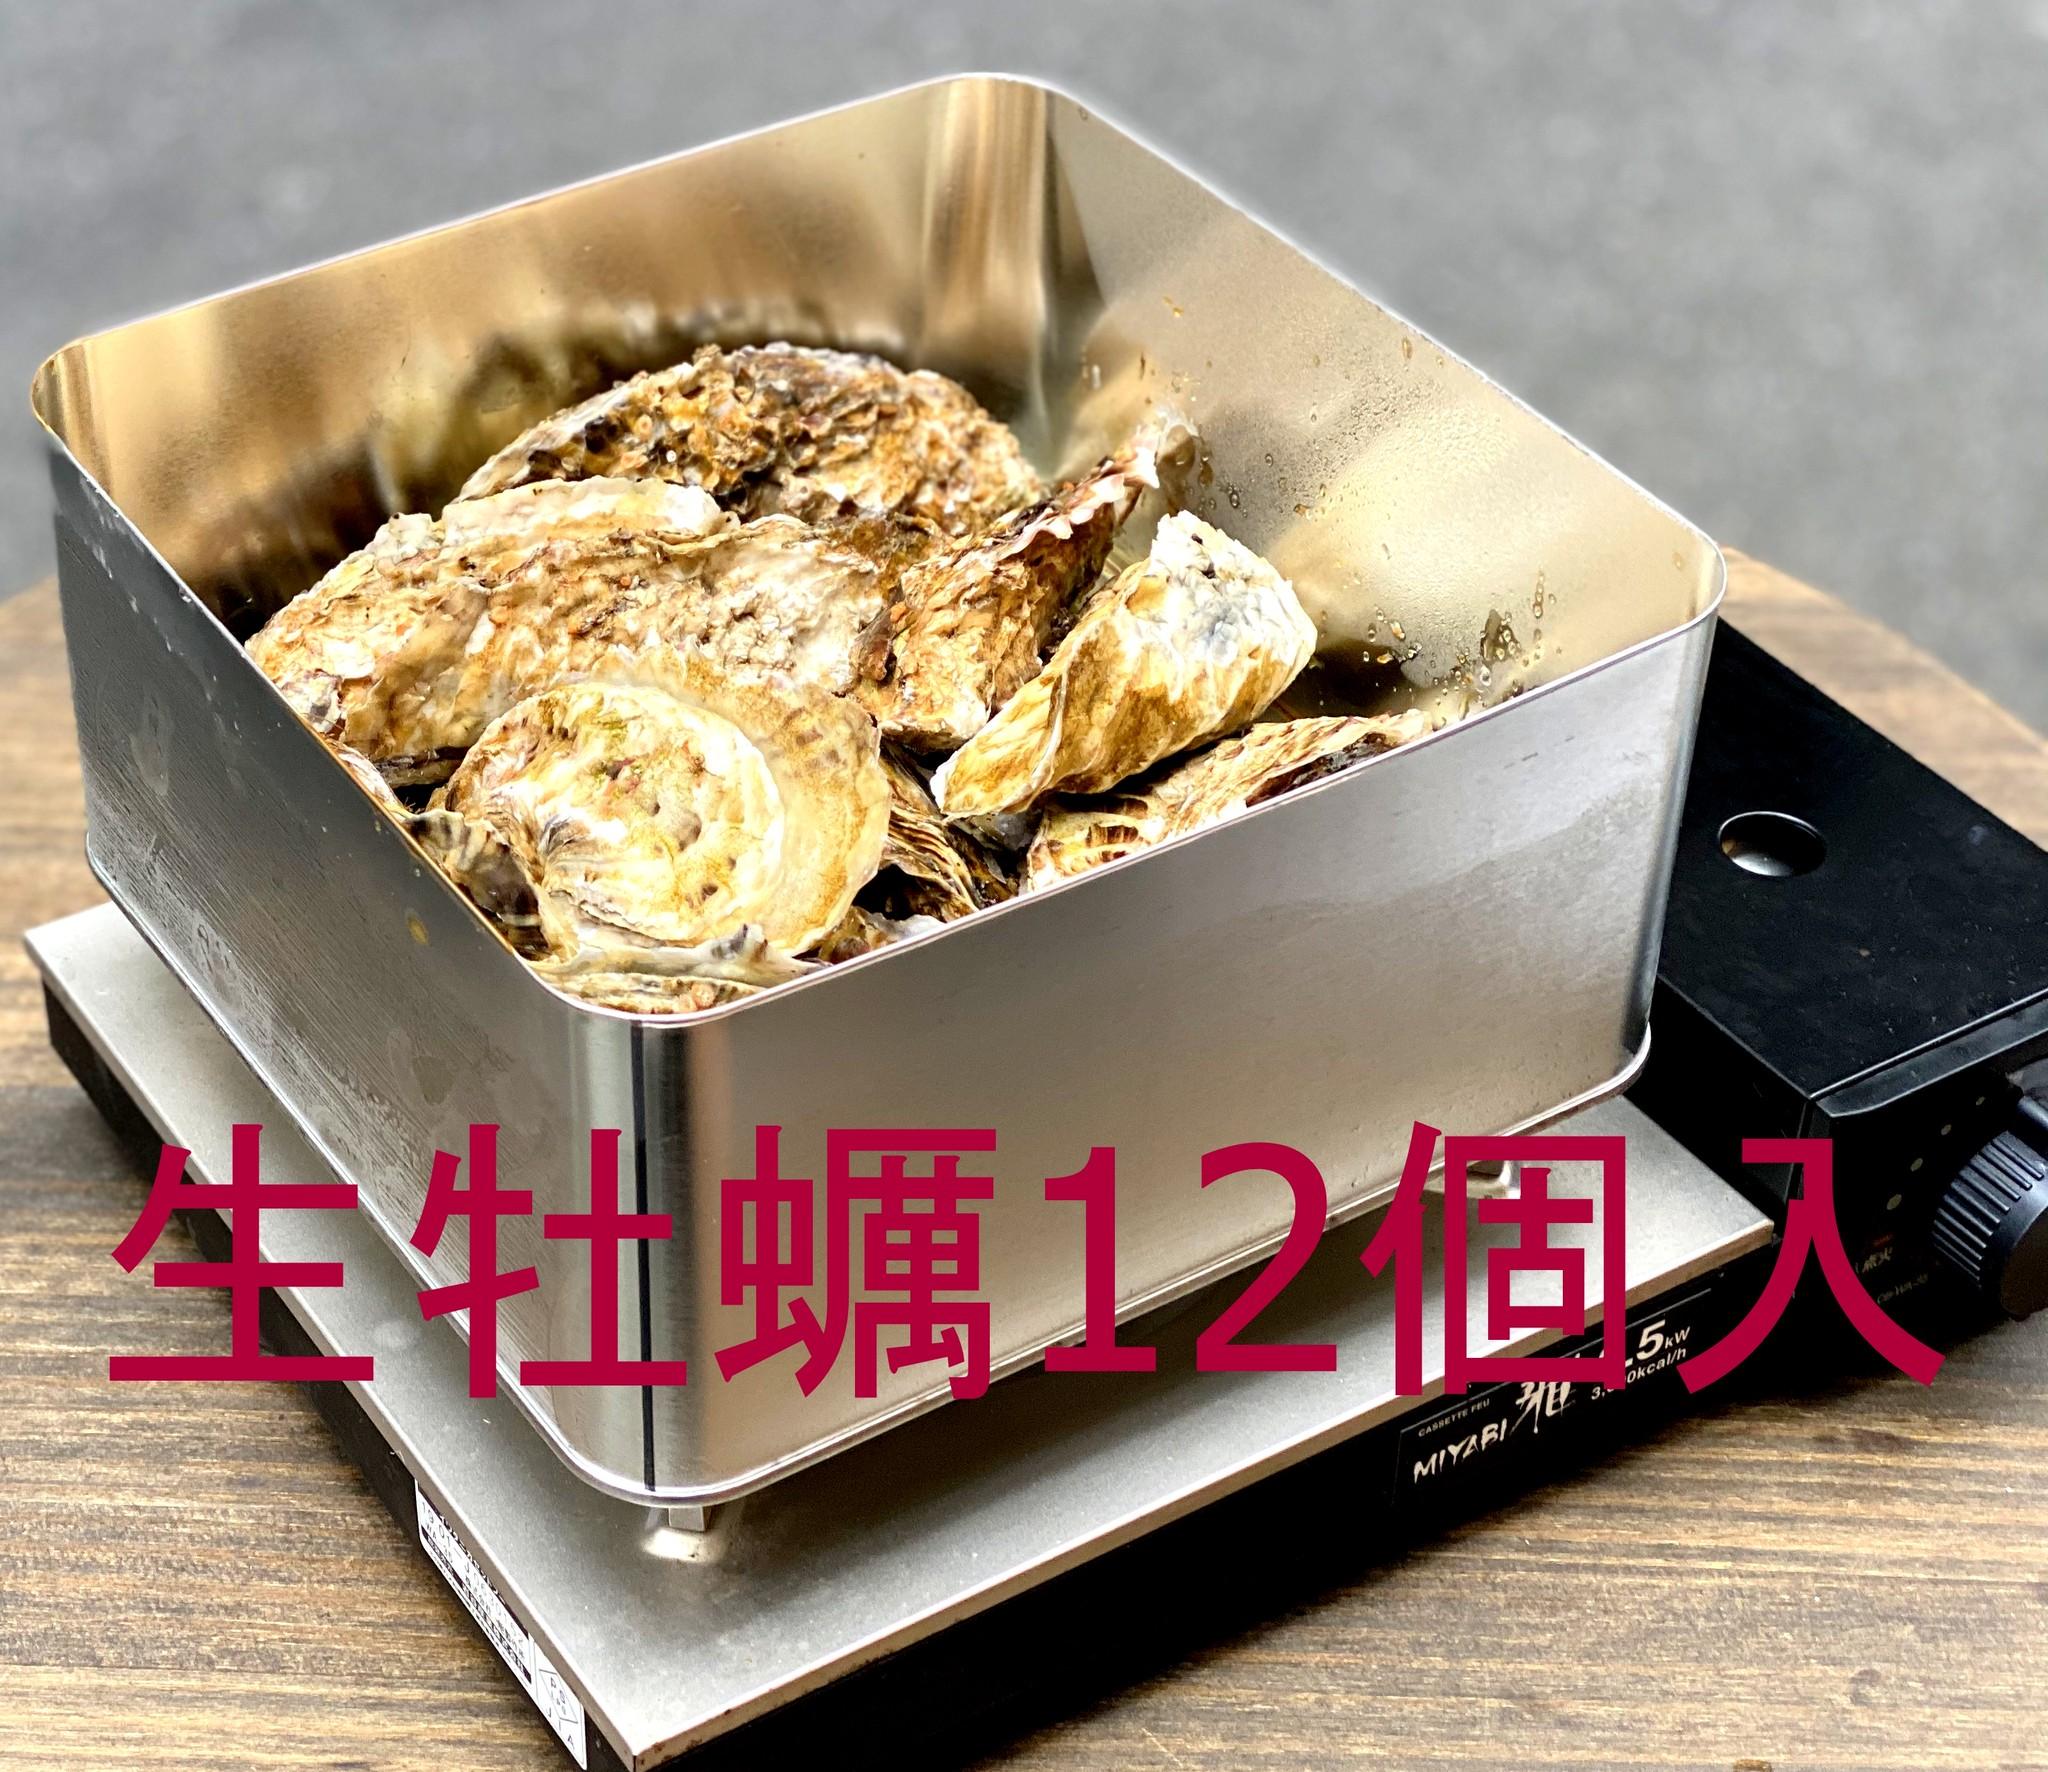 こりゃ美味い!『牡蠣カンカン焼セット』のご紹介!